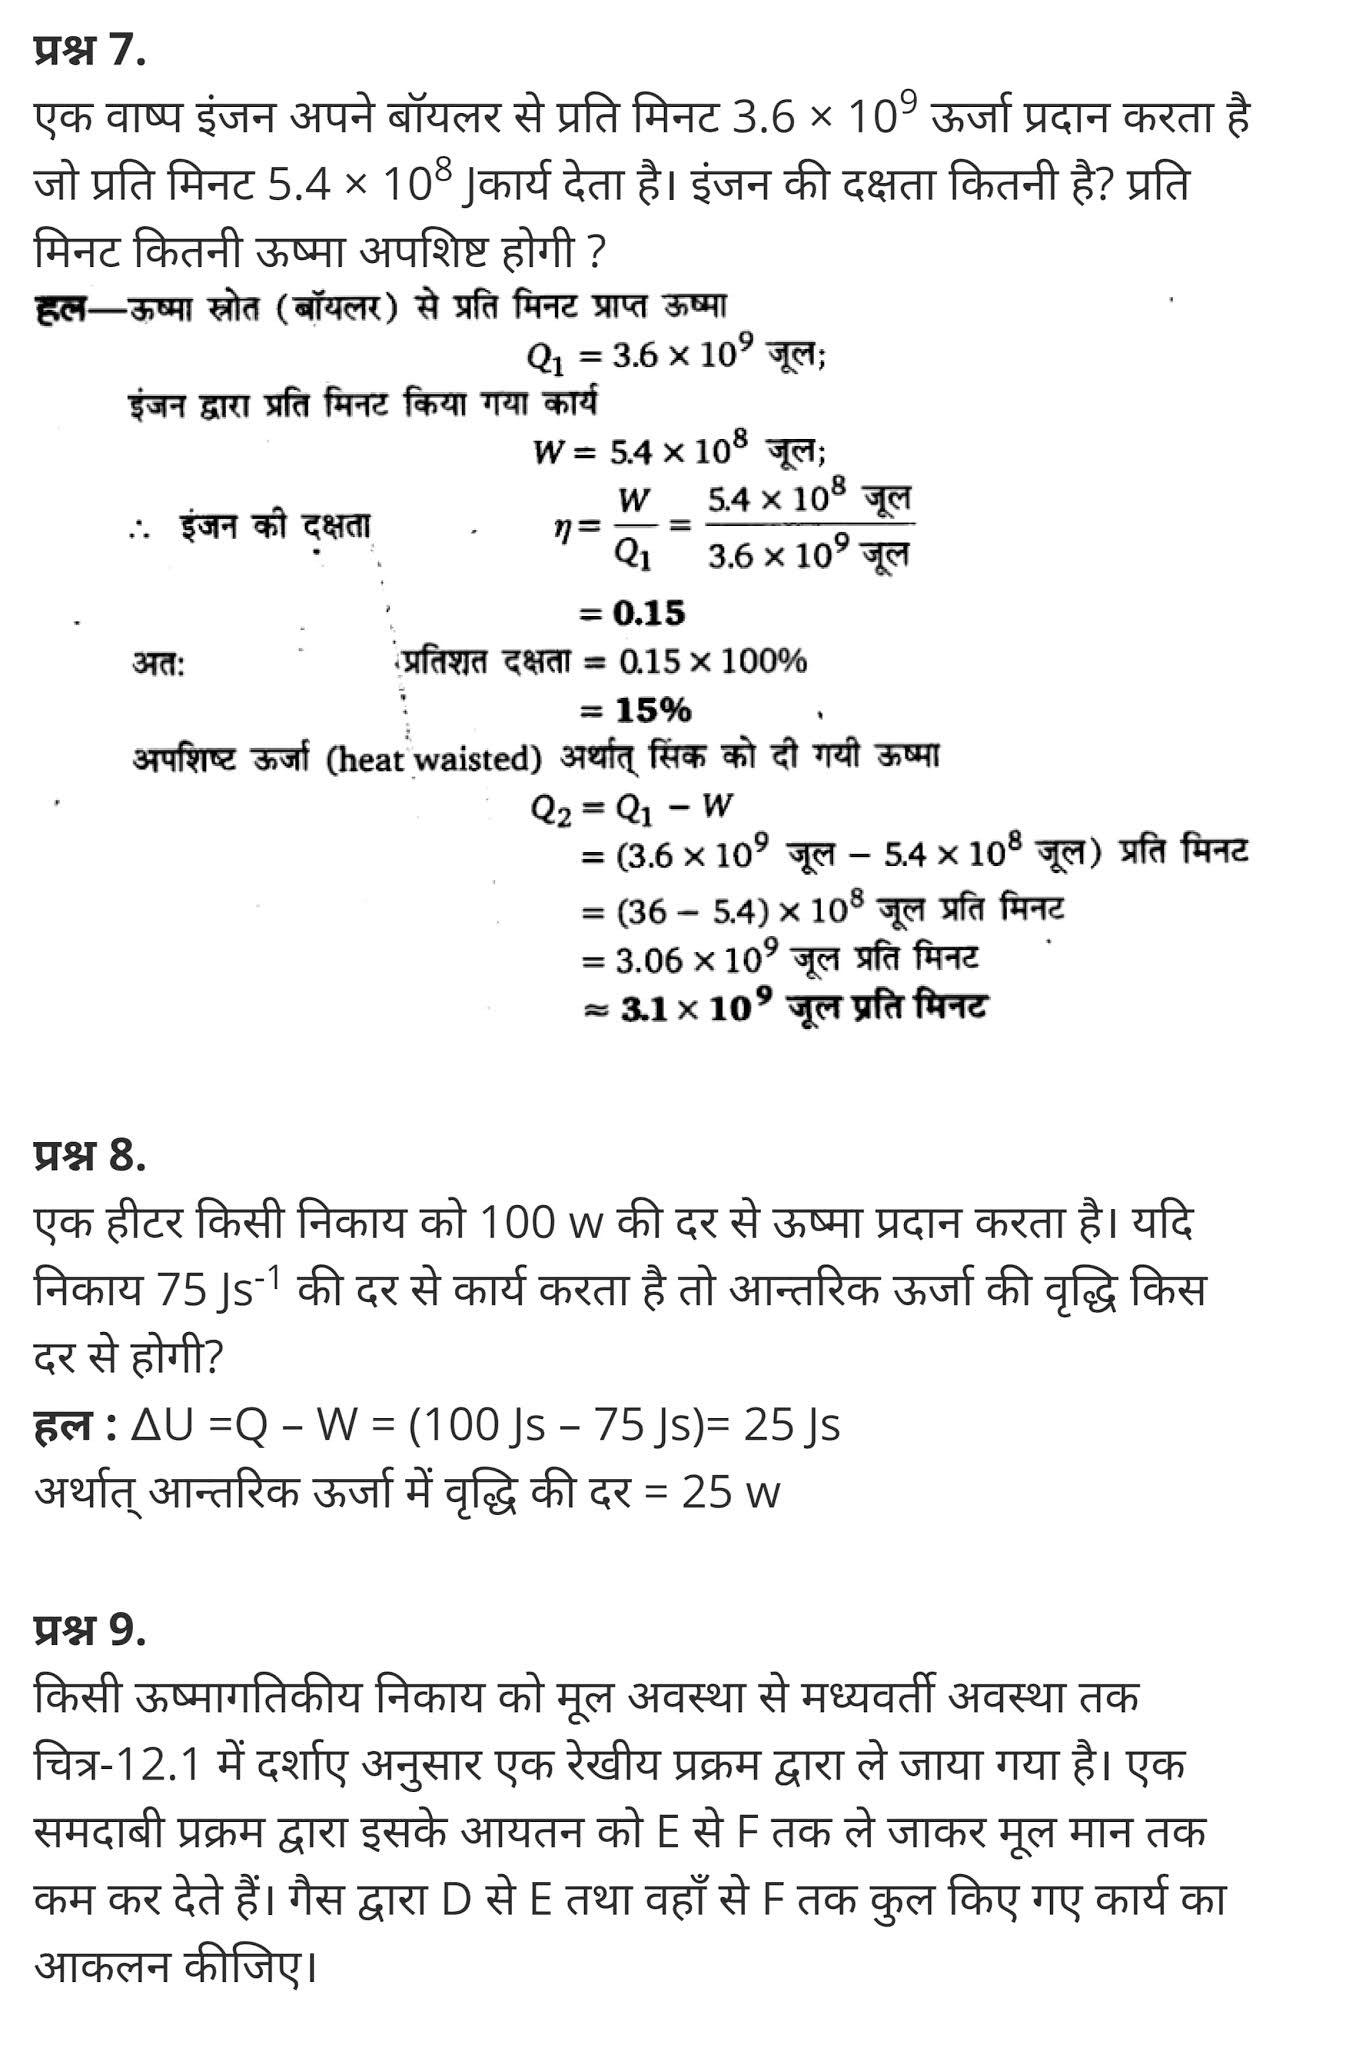 ऊष्मागतिकी,  ऊष्मागतिकी के प्रथम नियम,  ऊष्मागतिकी के नियम pdf,  ऊष्मागतिकी का शून्य नियम,  ऊष्मागतिकी का प्रथम नियम सूत्र,  ऊष्मागतिकी का द्वितीय नियम pdf,  ऊष्मागतिकी का तीसरा नियम,  ऊष्मागतिकी का शून्यवाँ नियम,  ऊष्मागतिकी क्या है, Thermodynamics,  what is thermodynamics in chemistry,  thermodynamics pdf,  thermodynamics laws,  thermodynamics in hindi,  thermodynamics first law,  thermodynamics book,  thermodynamics basics,  importance of thermodynamics,    class 11 physics Chapter 12,  class 11 physics chapter 12 ncert solutions in hindi,  class 11 physics chapter 12 notes in hindi,  class 11 physics chapter 12 question answer,  class 11 physics chapter 12 notes,  11 class physics chapter 12 in hindi,  class 11 physics chapter 12 in hindi,  class 11 physics chapter 12 important questions in hindi,  class 11 physics  notes in hindi,   class 11 physics chapter 12 test,  class 11 physics chapter 12 pdf,  class 11 physics chapter 12 notes pdf,  class 11 physics chapter 12 exercise solutions,  class 11 physics chapter 12, class 11 physics chapter 12 notes study rankers,  class 11 physics chapter 12 notes,  class 11 physics notes,   physics  class 11 notes pdf,  physics class 11 notes 2021 ncert,  physics class 11 pdf,  physics  book,  physics quiz class 11,   11th physics  book up board,  up board 11th physics notes,   कक्षा 11 भौतिक विज्ञान अध्याय 12,  कक्षा 11 भौतिक विज्ञान का अध्याय 12 ncert solution in hindi,  कक्षा 11 भौतिक विज्ञान के अध्याय 12 के नोट्स हिंदी में,  कक्षा 11 का भौतिक विज्ञान अध्याय 12 का प्रश्न उत्तर,  कक्षा 11 भौतिक विज्ञान अध्याय 12 के नोट्स,  11 कक्षा भौतिक विज्ञान अध्याय 12 हिंदी में,  कक्षा 11 भौतिक विज्ञान अध्याय 12 हिंदी में,  कक्षा 11 भौतिक विज्ञान अध्याय 12 महत्वपूर्ण प्रश्न हिंदी में,  कक्षा 11 के भौतिक विज्ञान के नोट्स हिंदी में,  भौतिक विज्ञान कक्षा 11 नोट्स pdf,  भौतिक विज्ञान कक्षा 11 नोट्स 2021 ncert,  भौतिक विज्ञान कक्षा 11 pdf,  भौतिक विज्ञान पुस्तक,  भौतिक विज्ञान की बुक,  भौतिक विज्ञान प्रश्नोत्तरी class 11, 11 वीं भौतिक विज्ञा